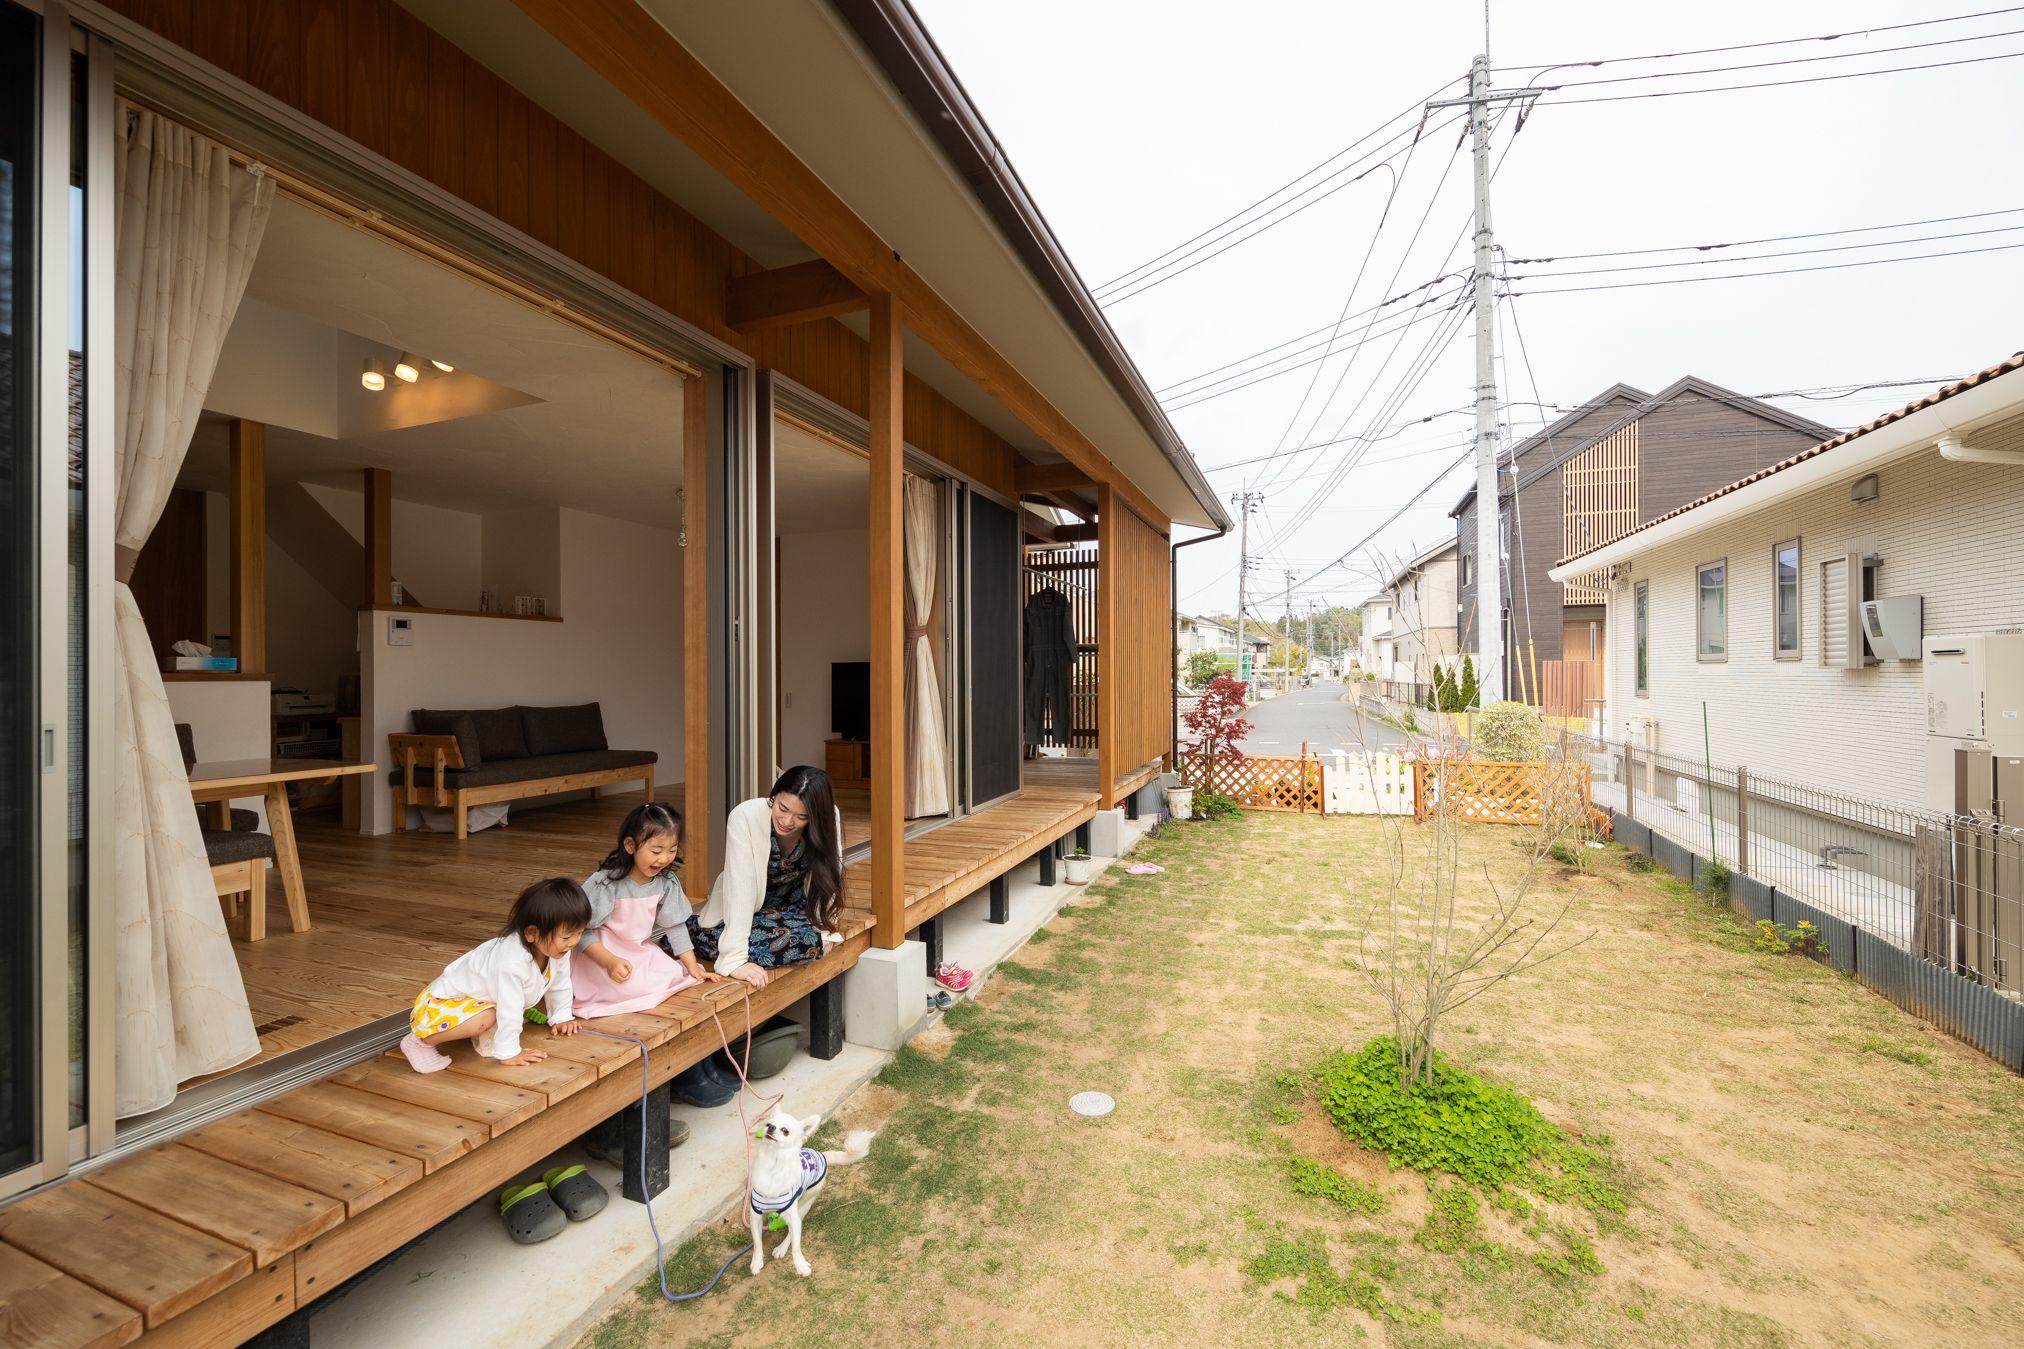 閑静な住宅街の中に建つ 土いじりと縁側と犬暮らし 大きく2枚に